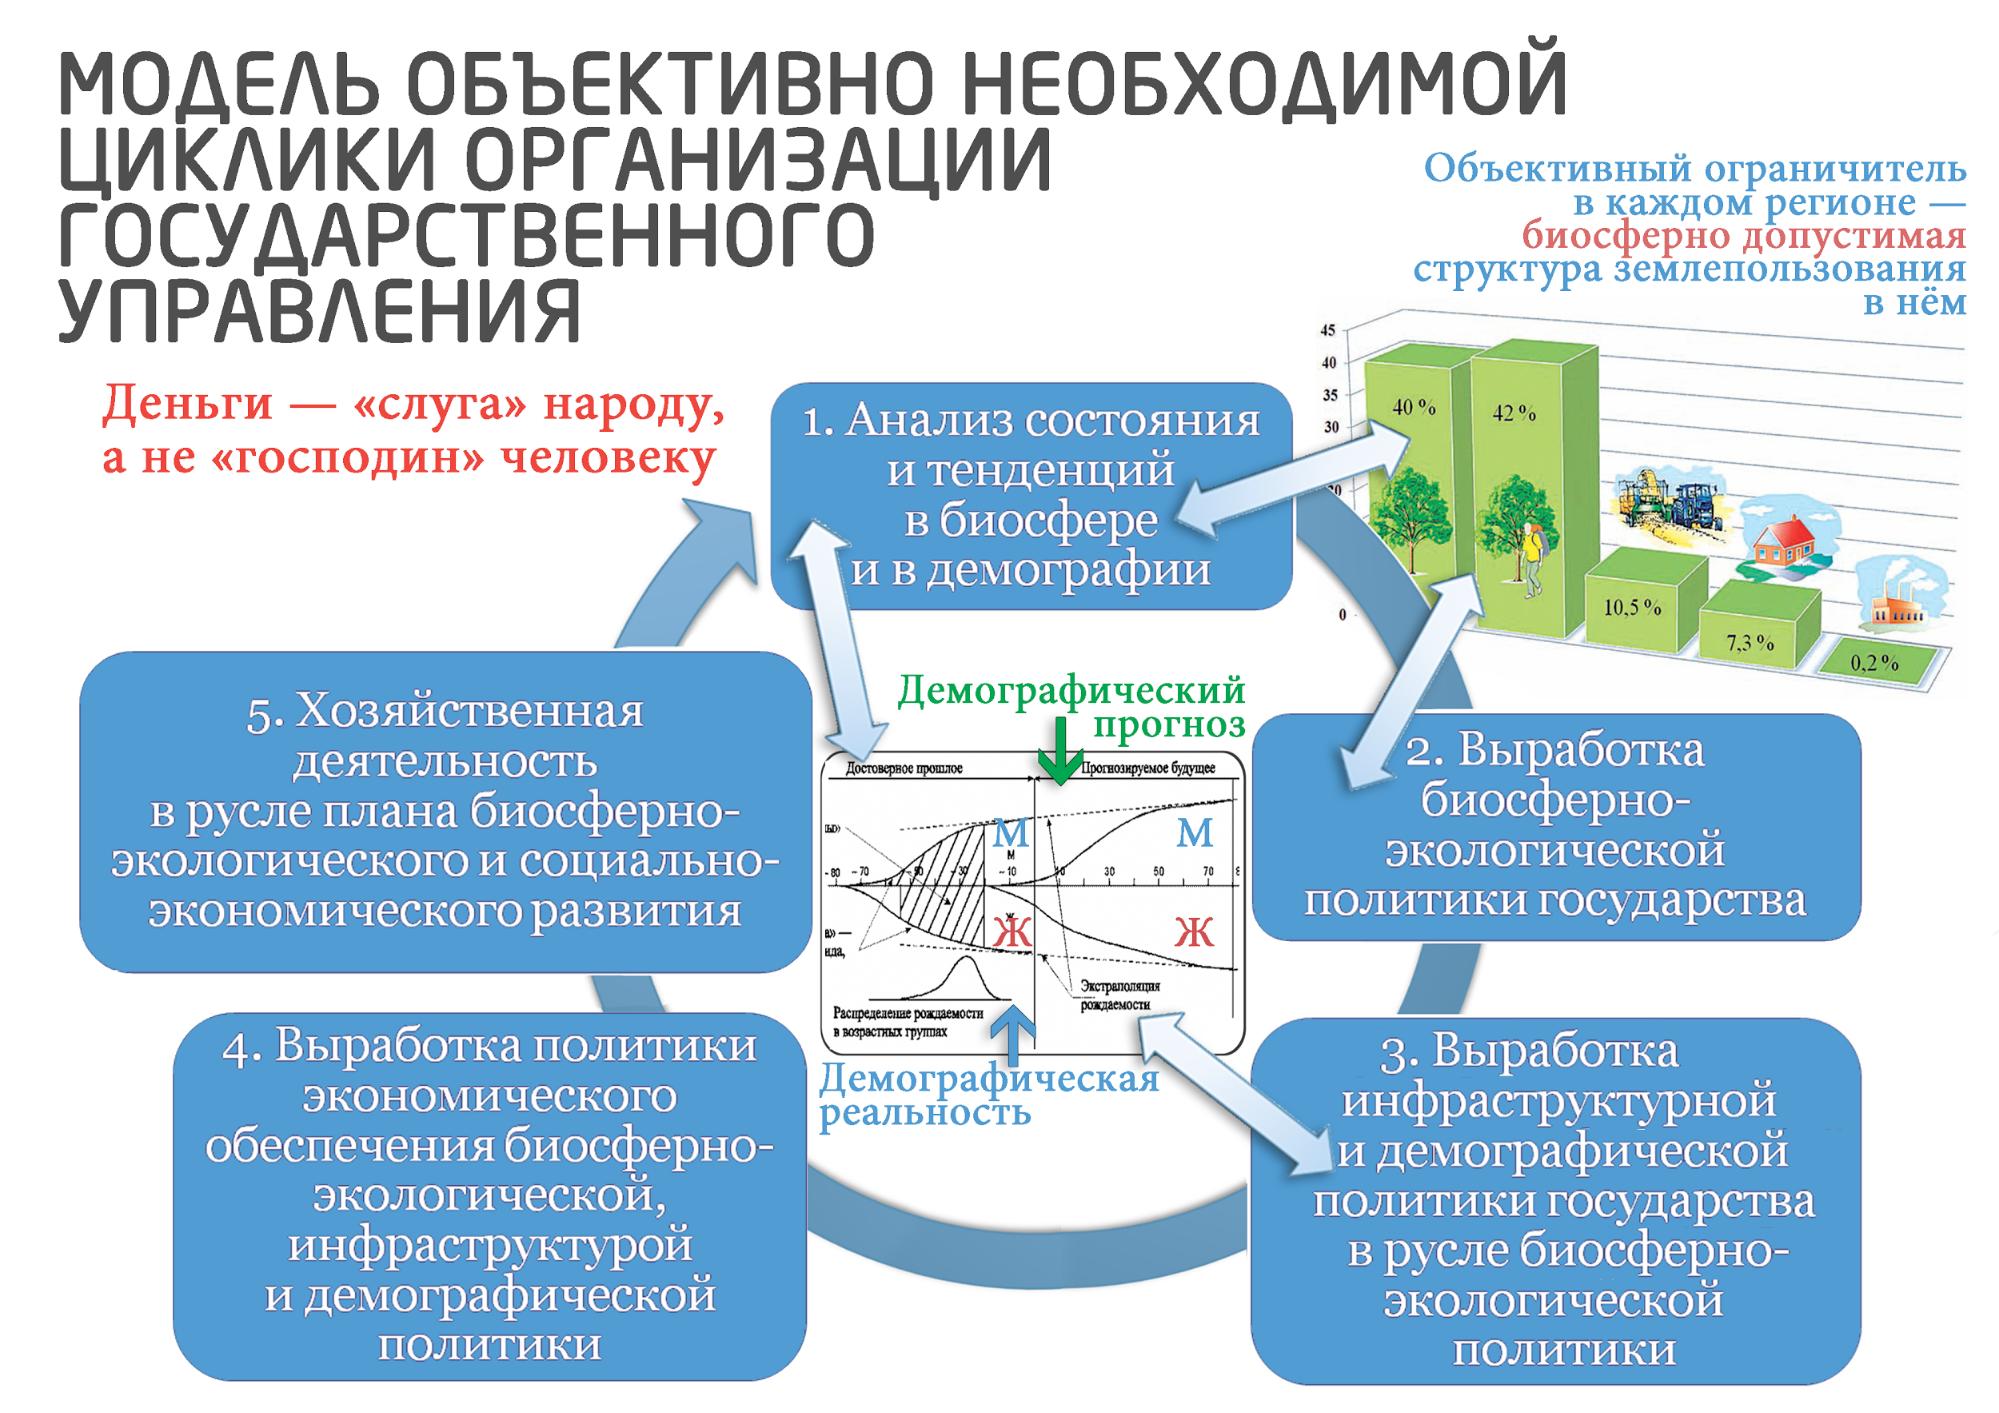 model-cikliki